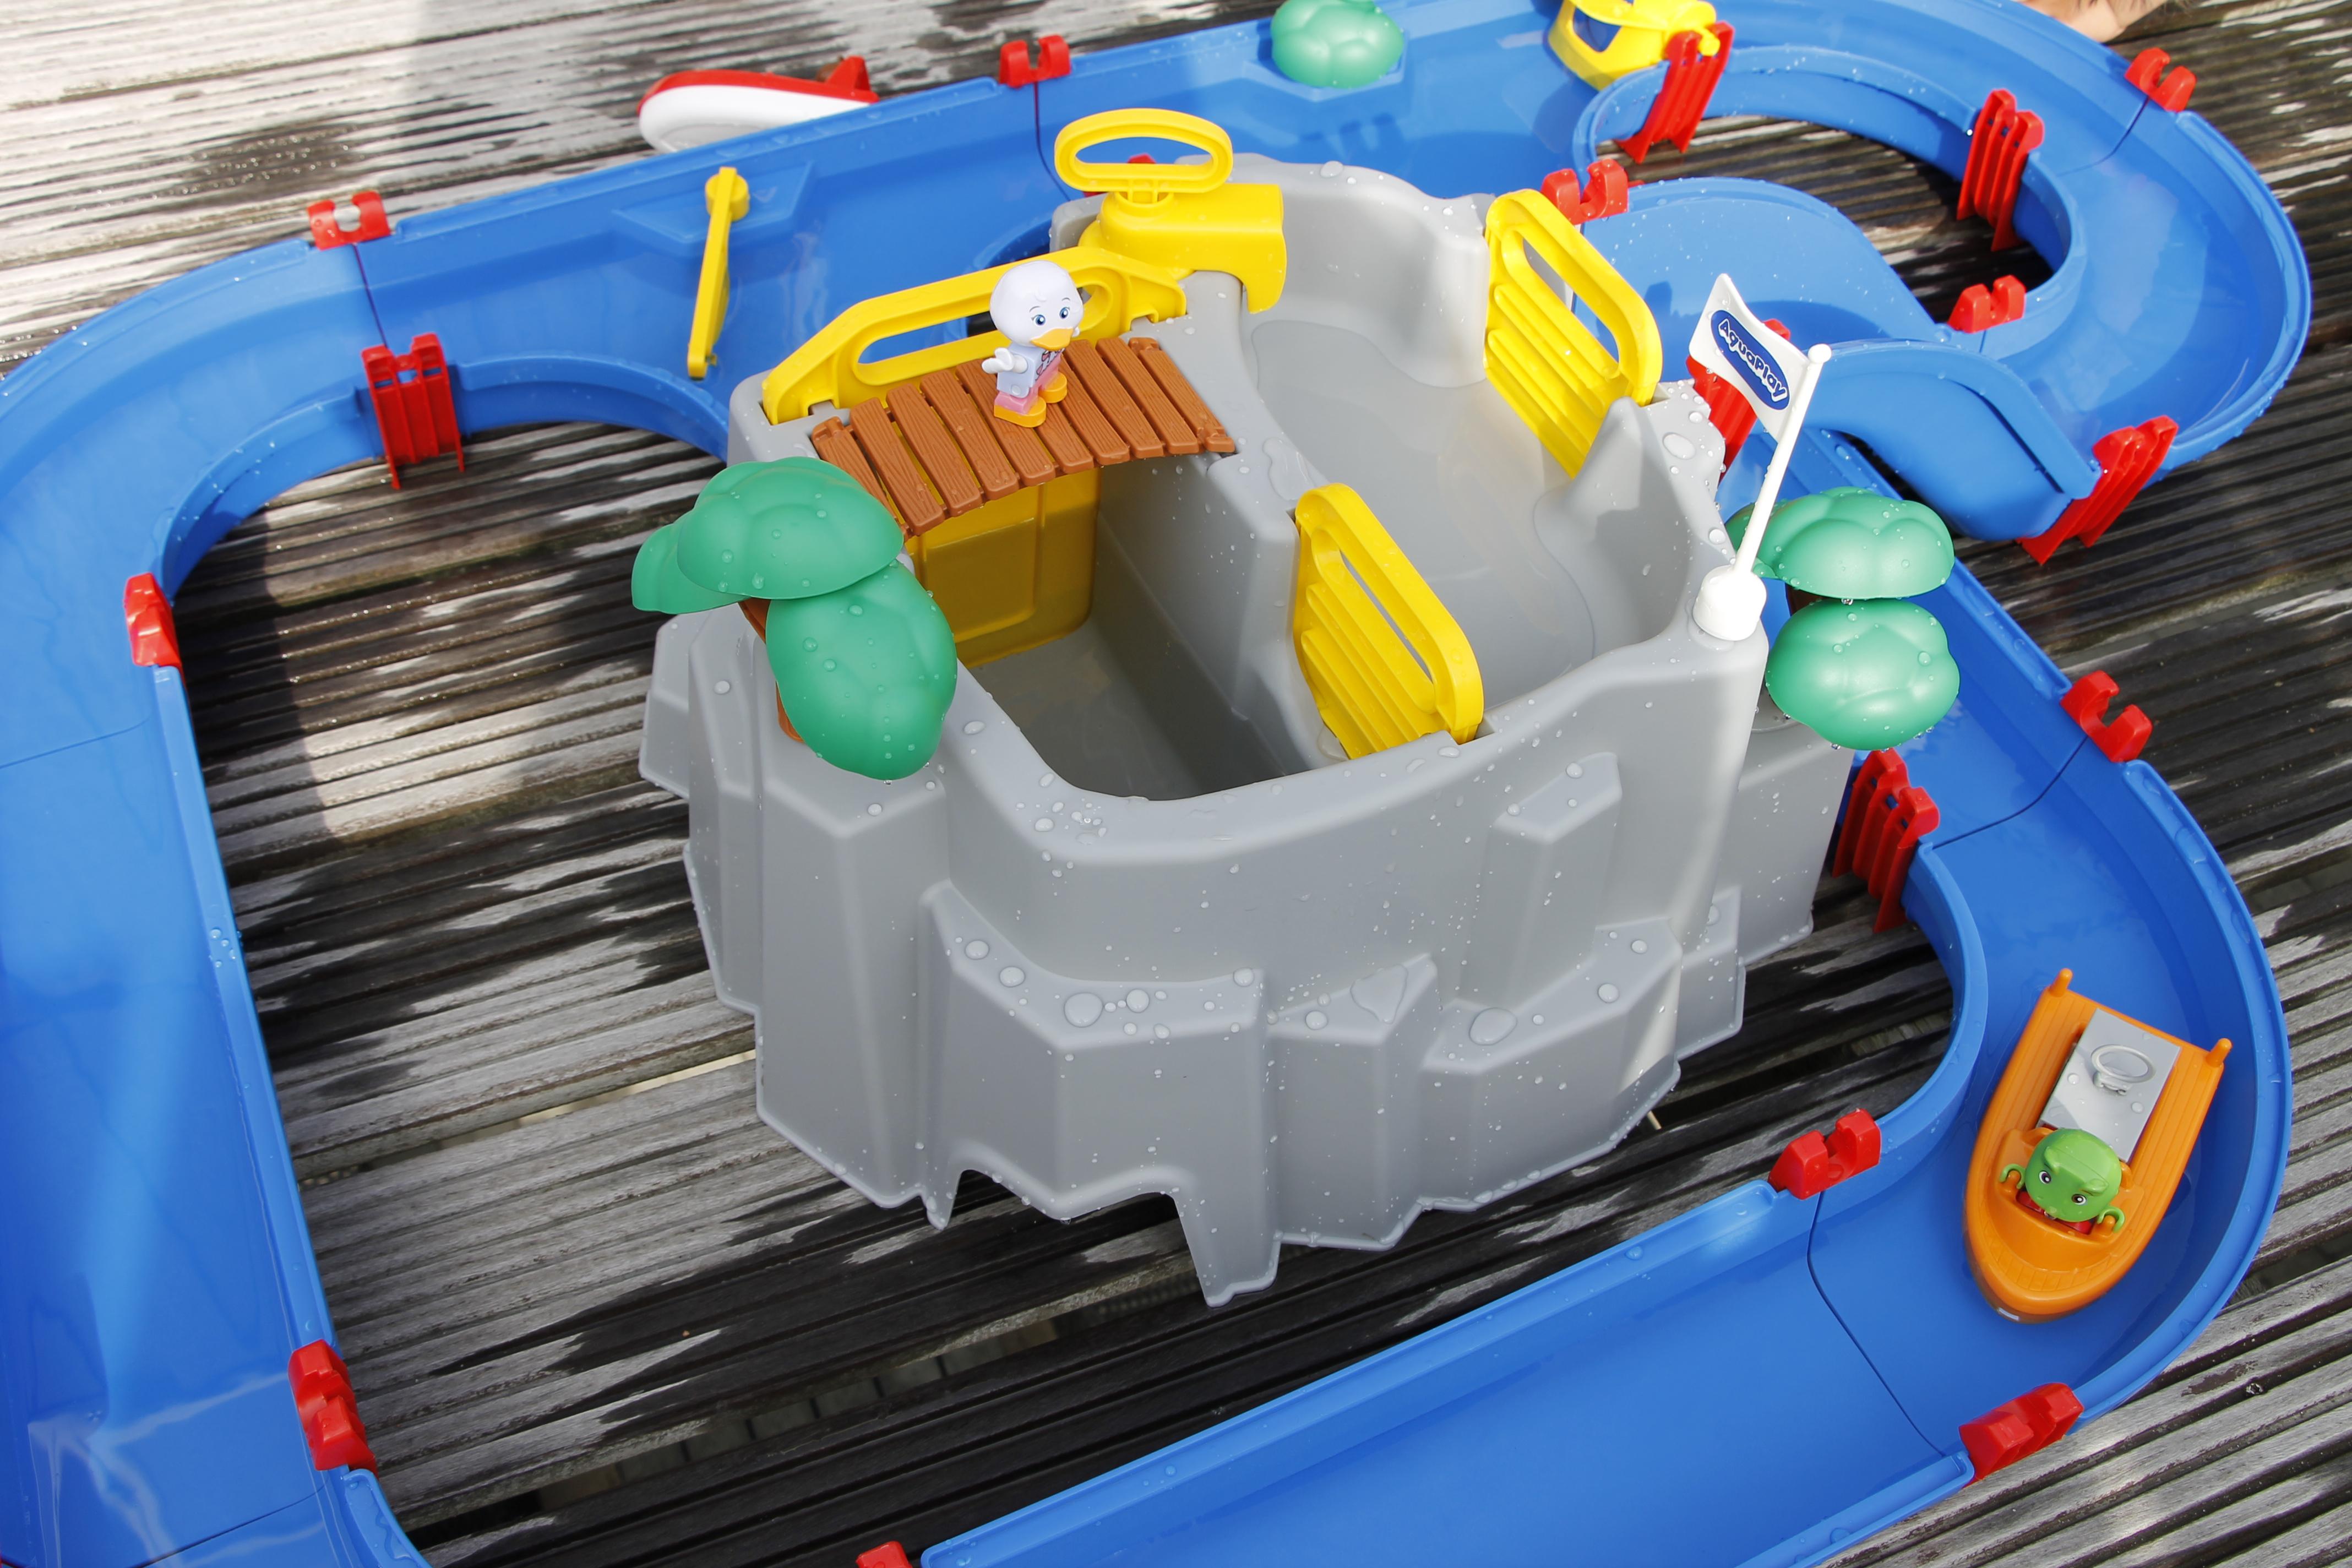 aquaplay wasserbahn wasserspielzeug f r den garten inkl. Black Bedroom Furniture Sets. Home Design Ideas